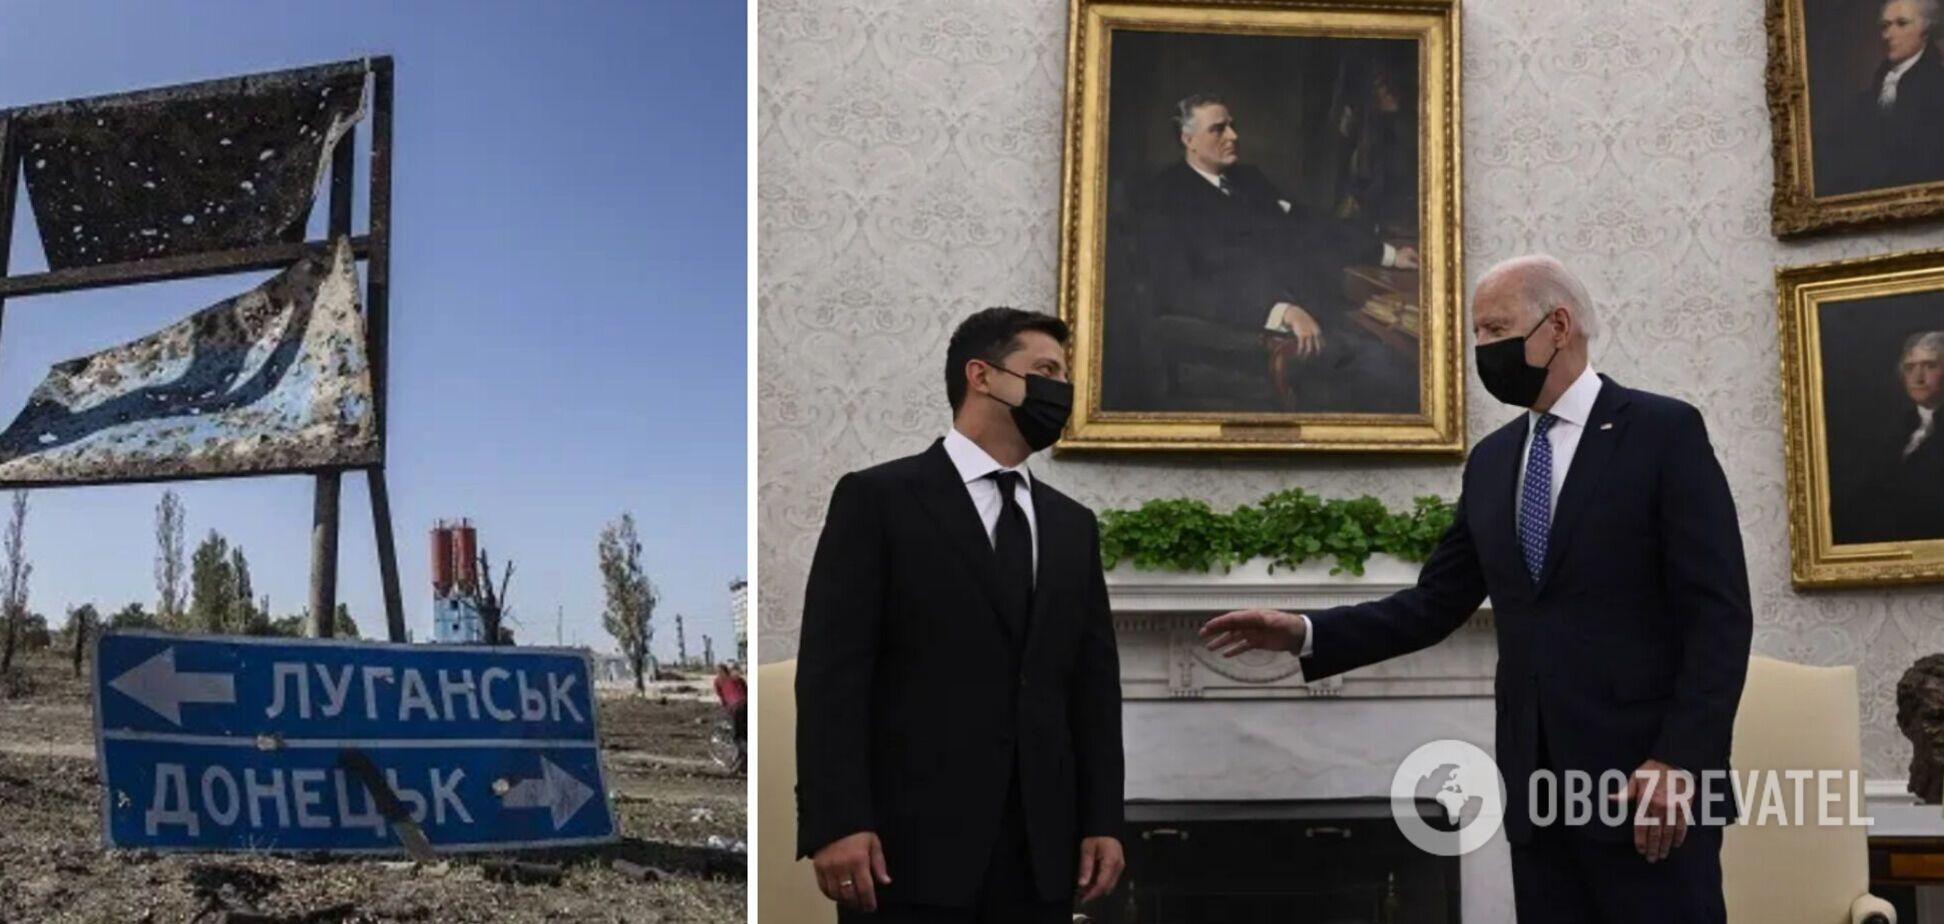 Найскладніше питання і план щодо Донбасу: Зеленський розкрив деталі переговорів із Байденом